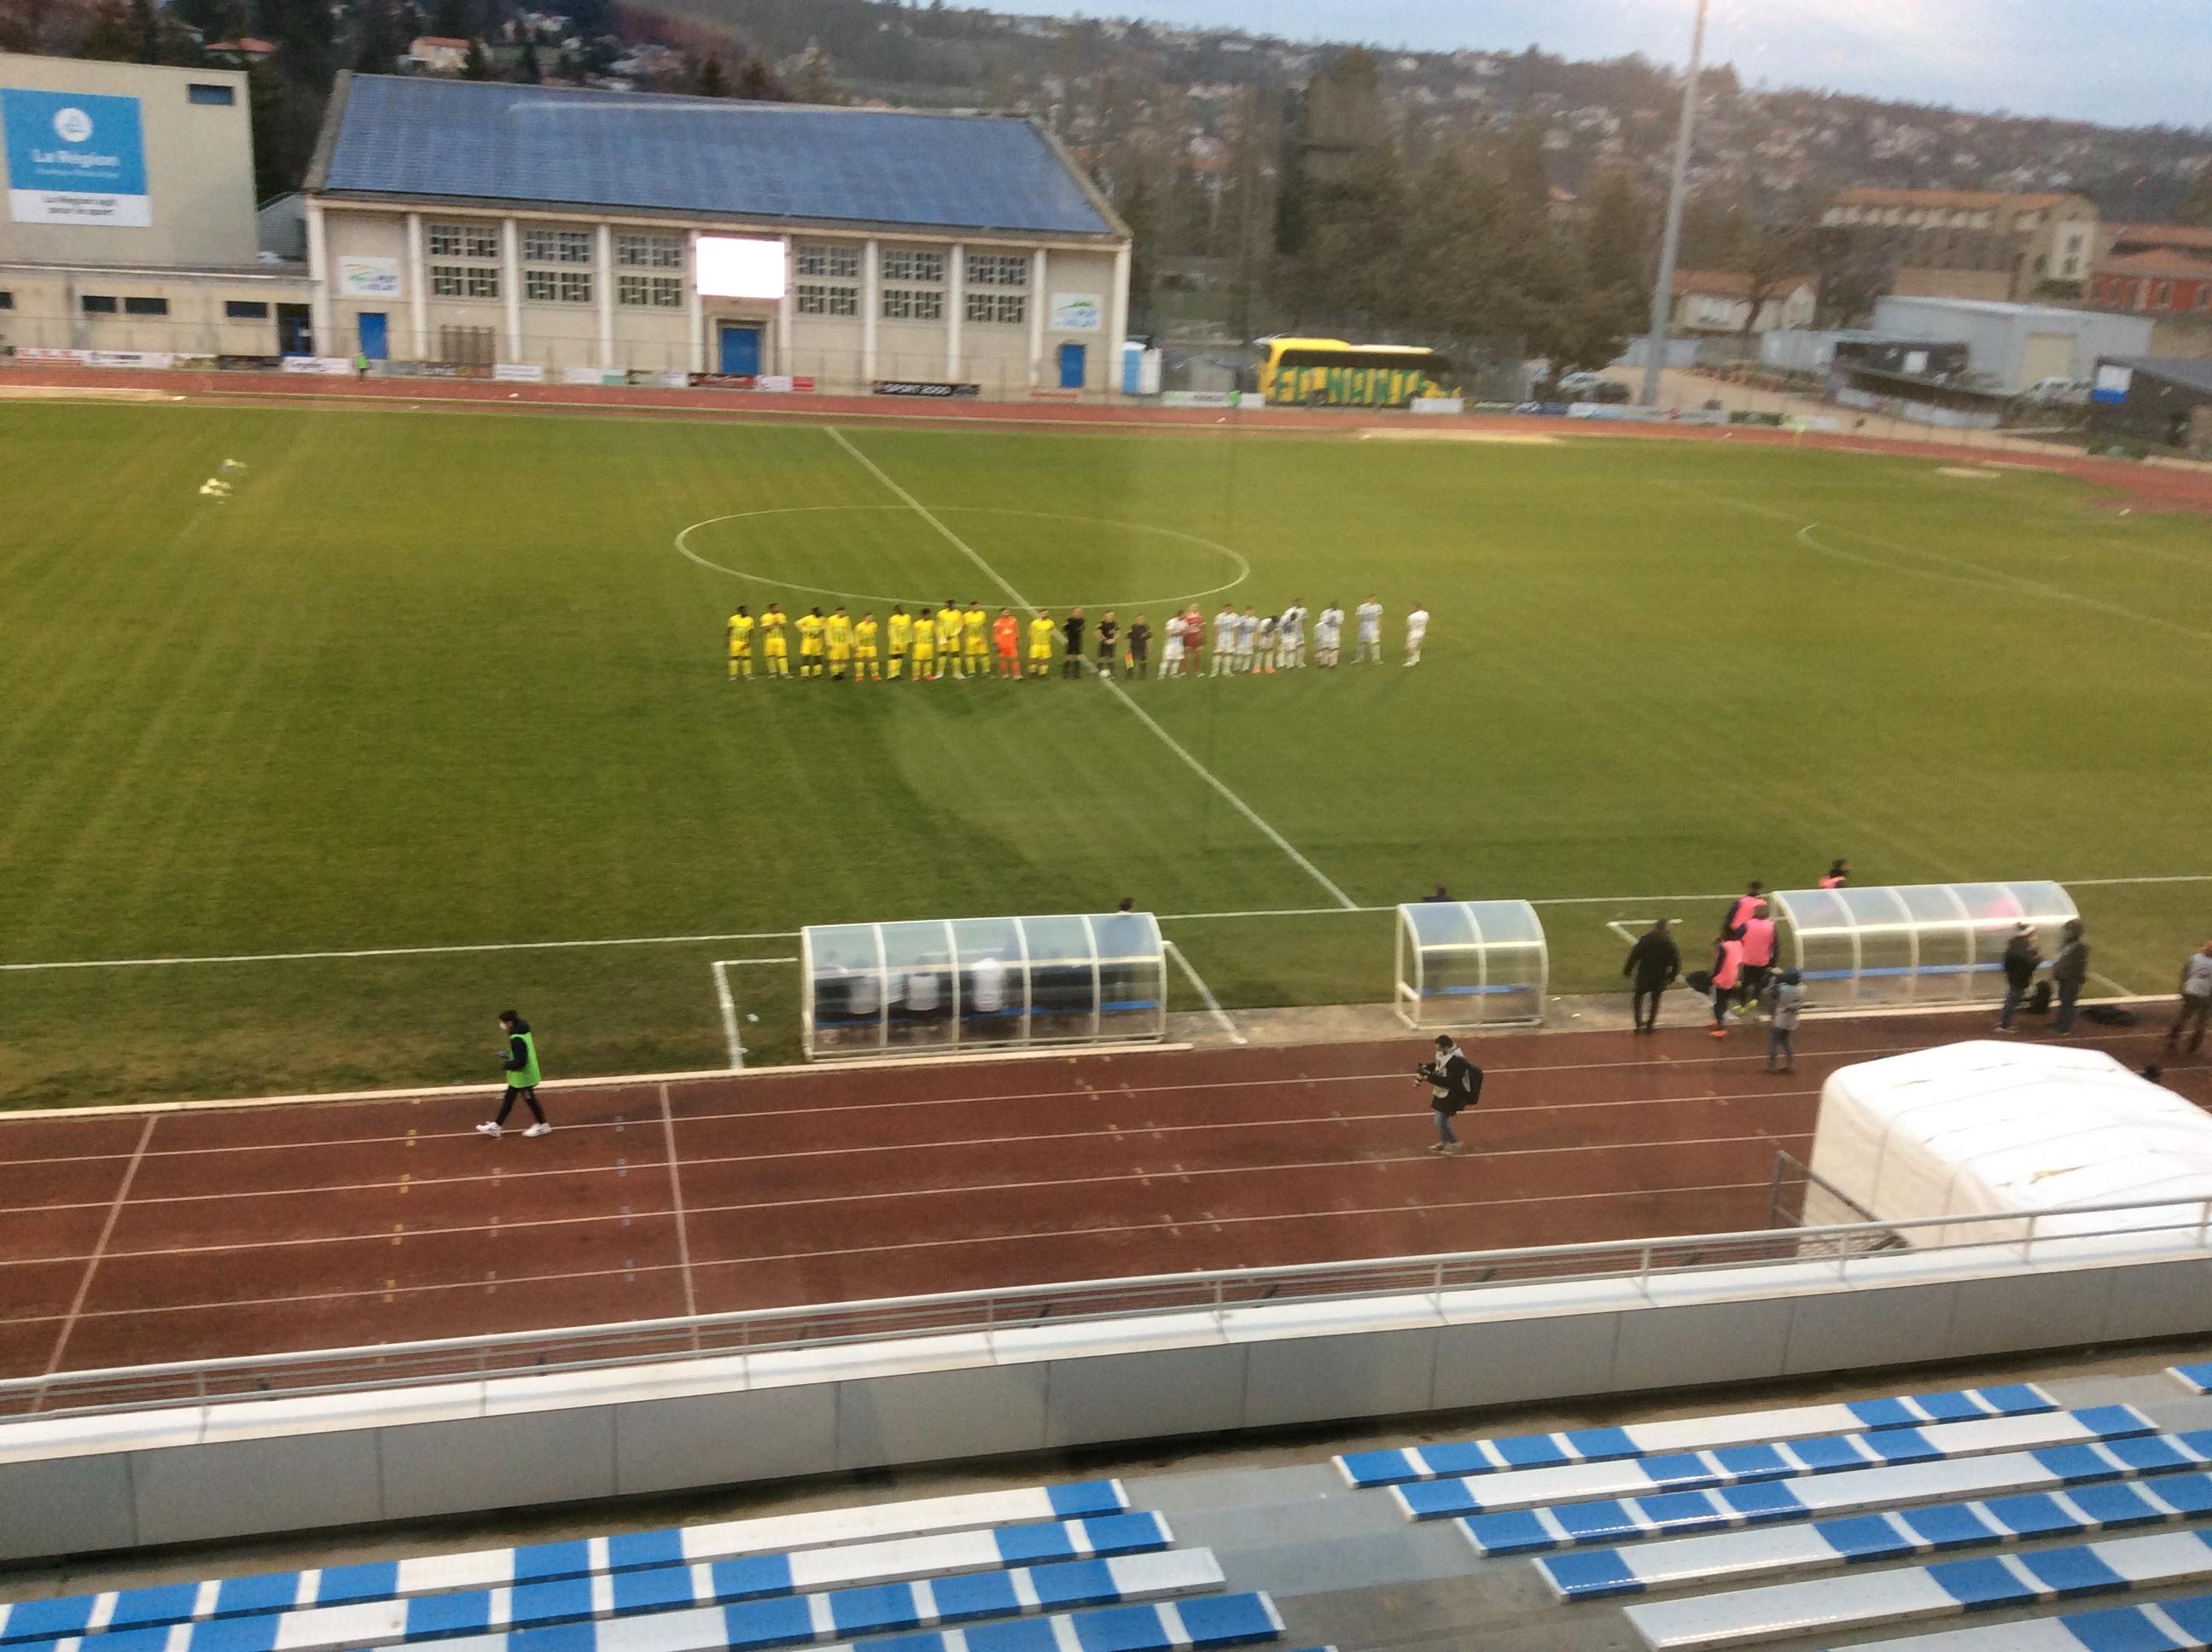 national 2 foot le puy foot 43auvergne 2-0fc Nantes réac après  match 280221